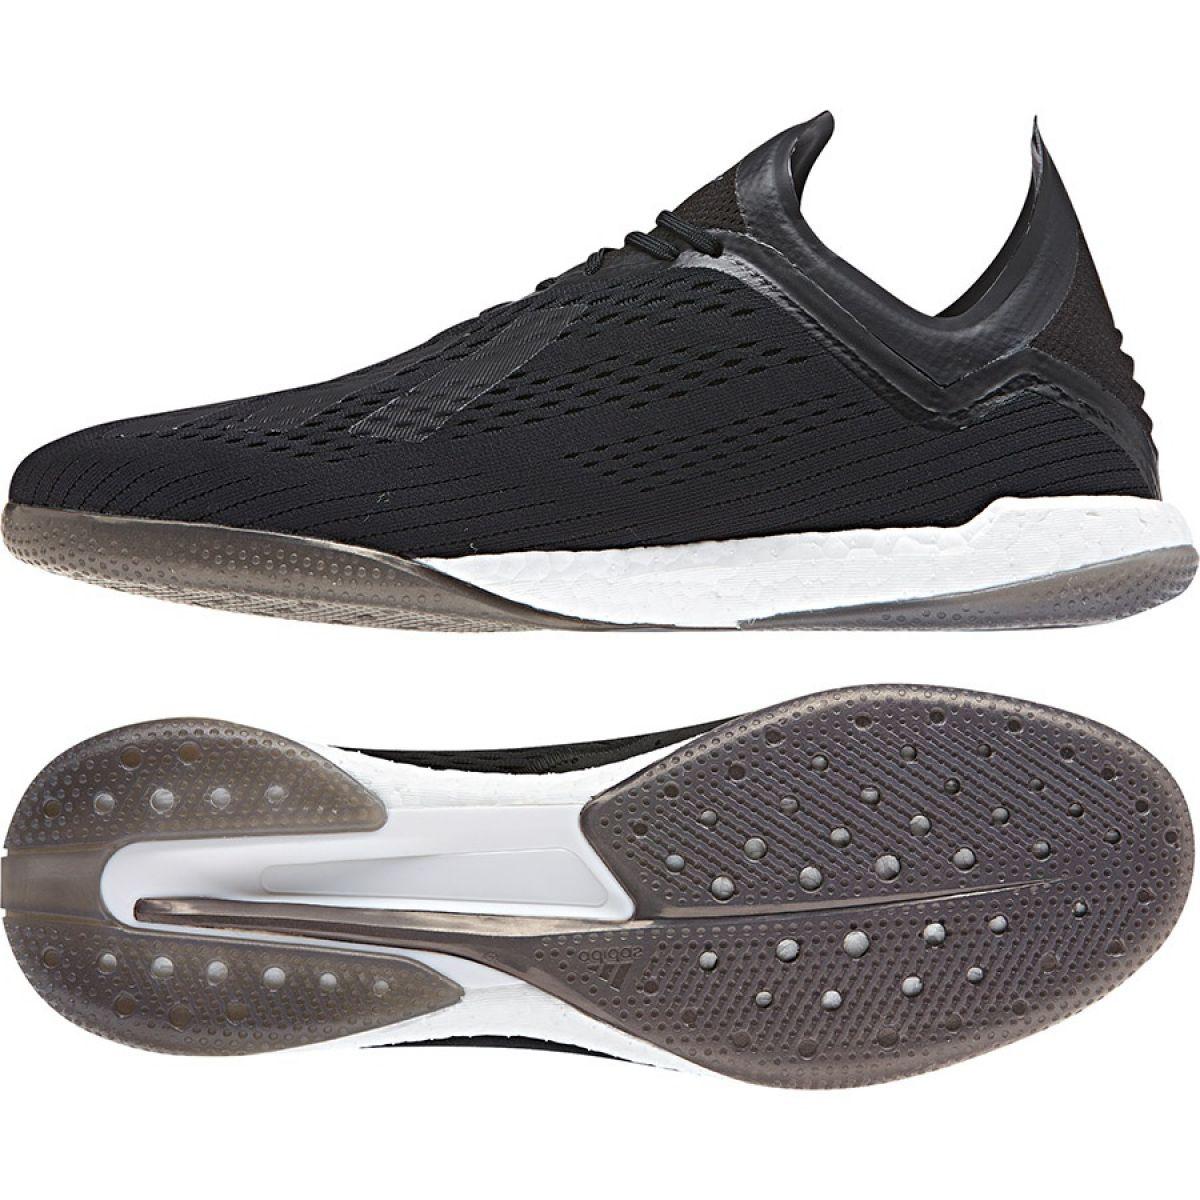 nero scarpe Training Adidas Tango 18.1 TR M  db2279  ordina ora con grande sconto e consegna gratuita